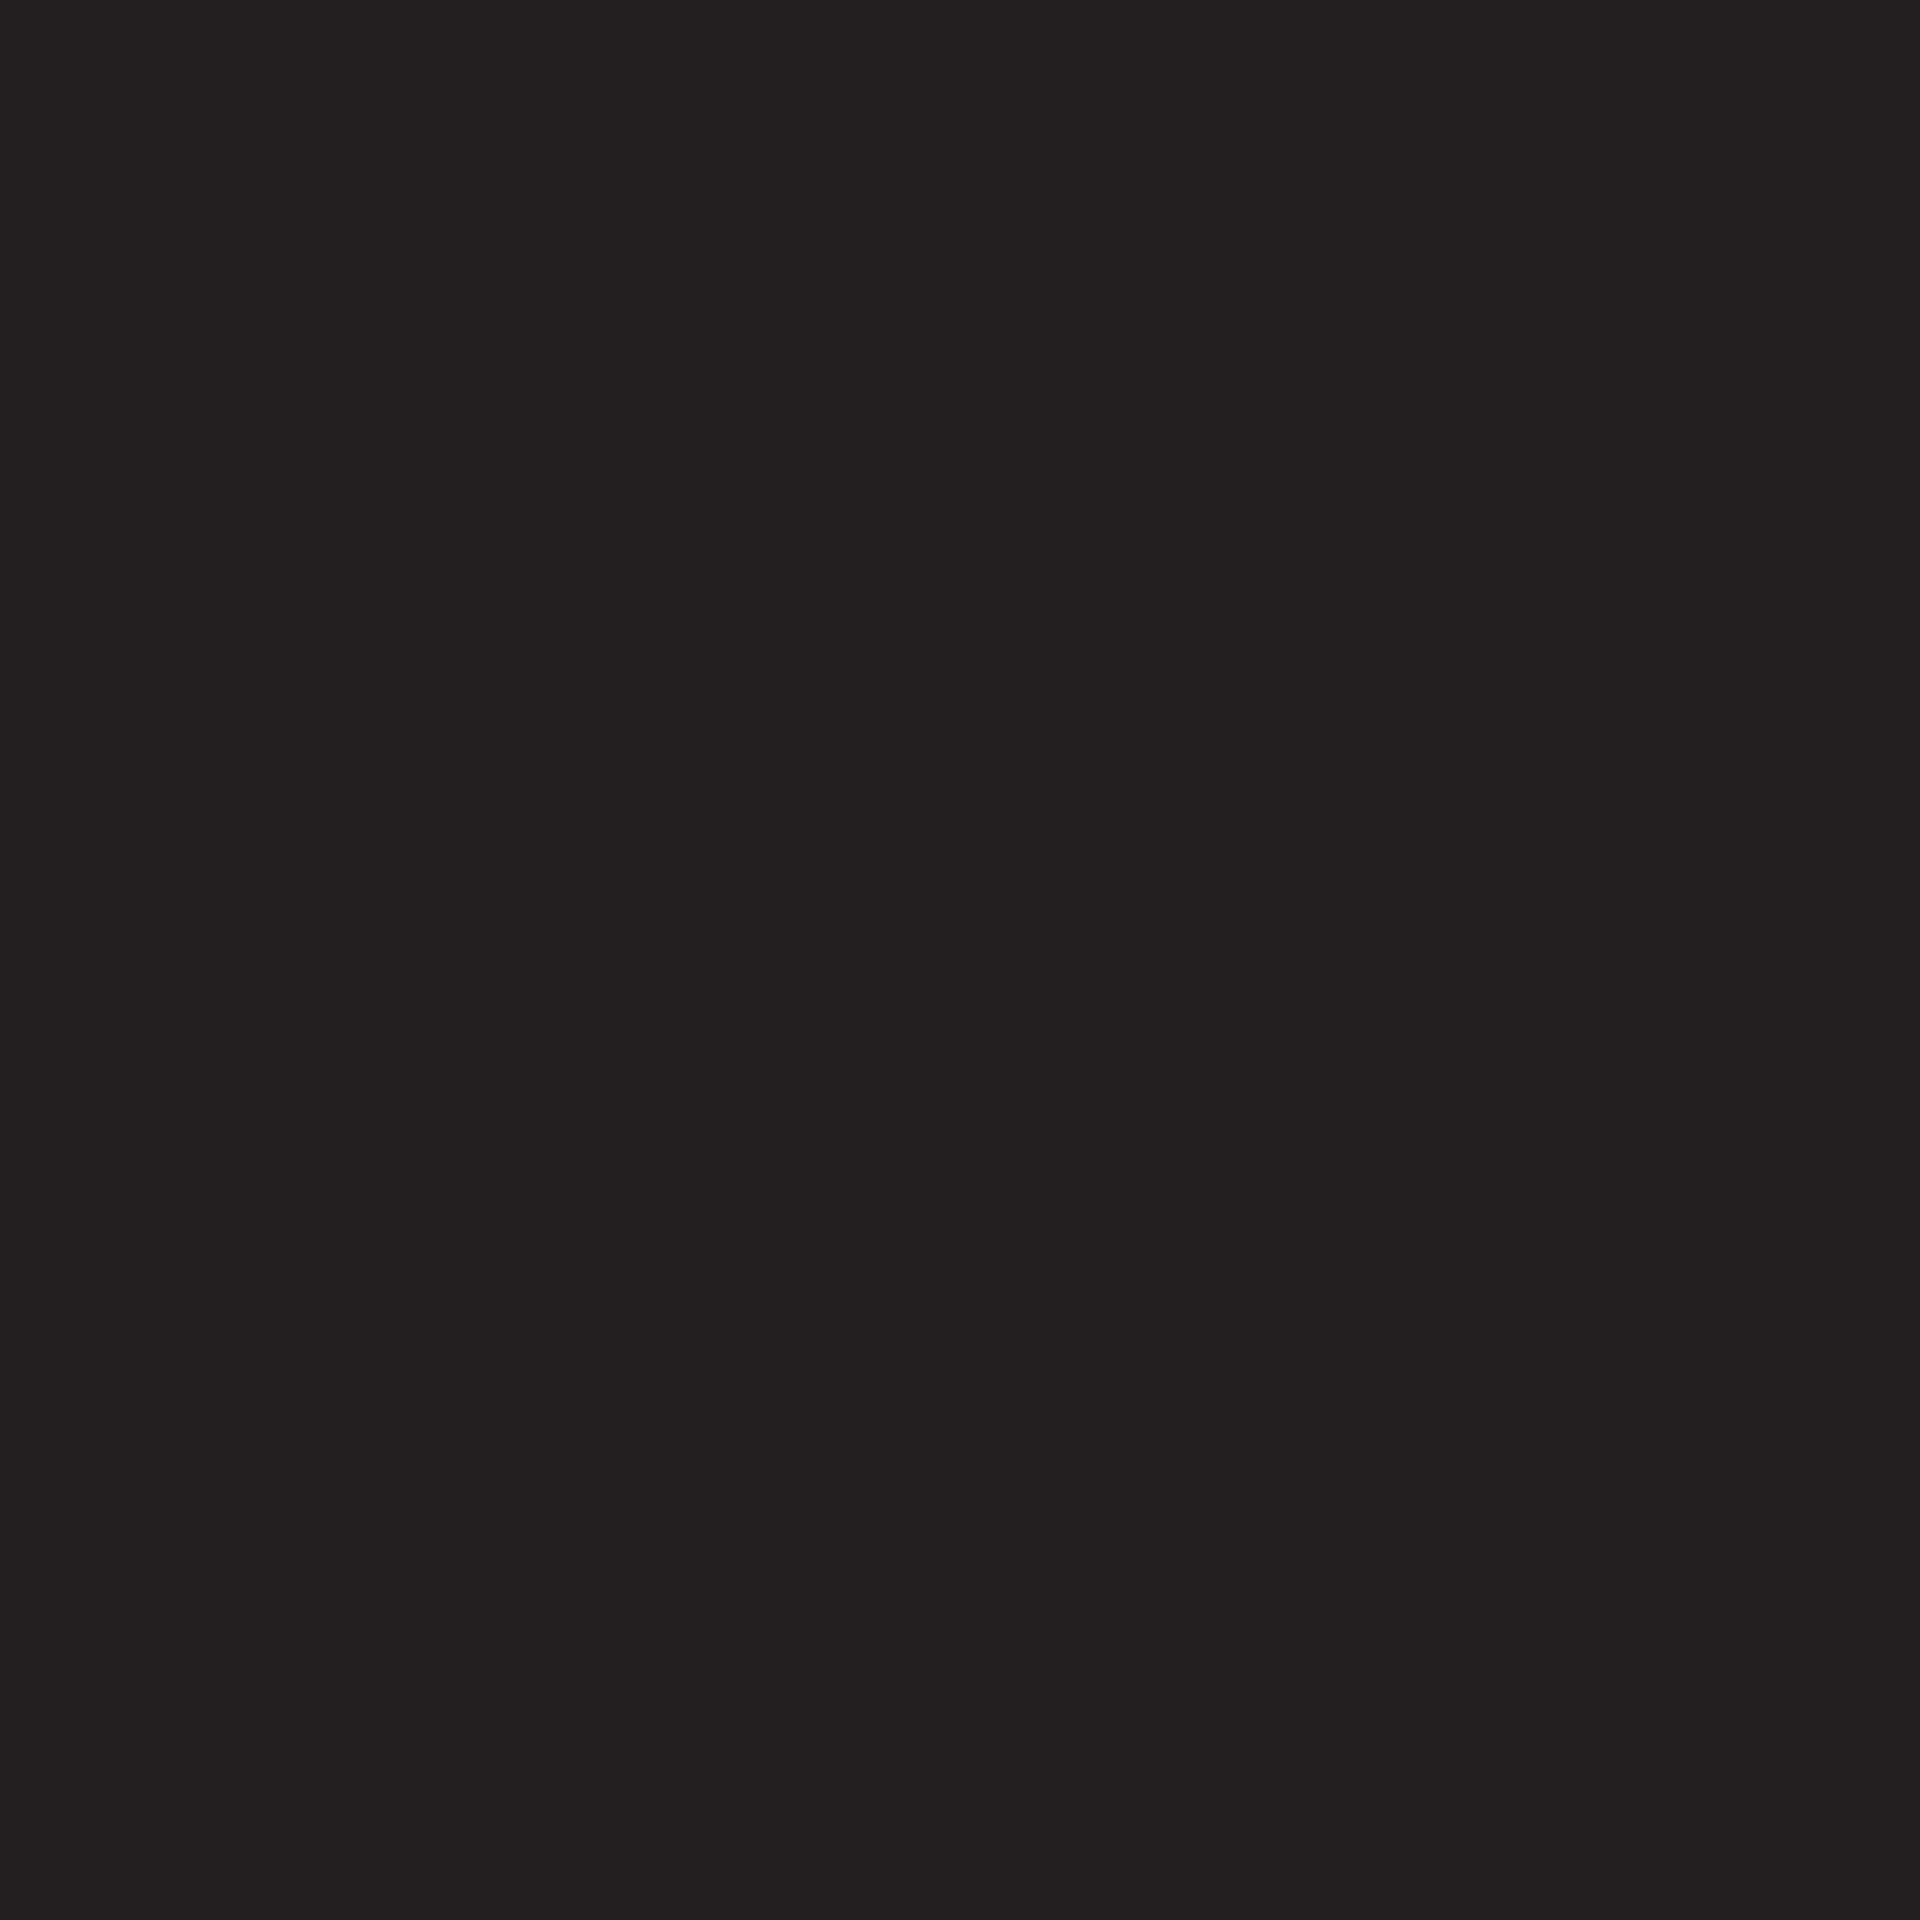 VertiQ - Black